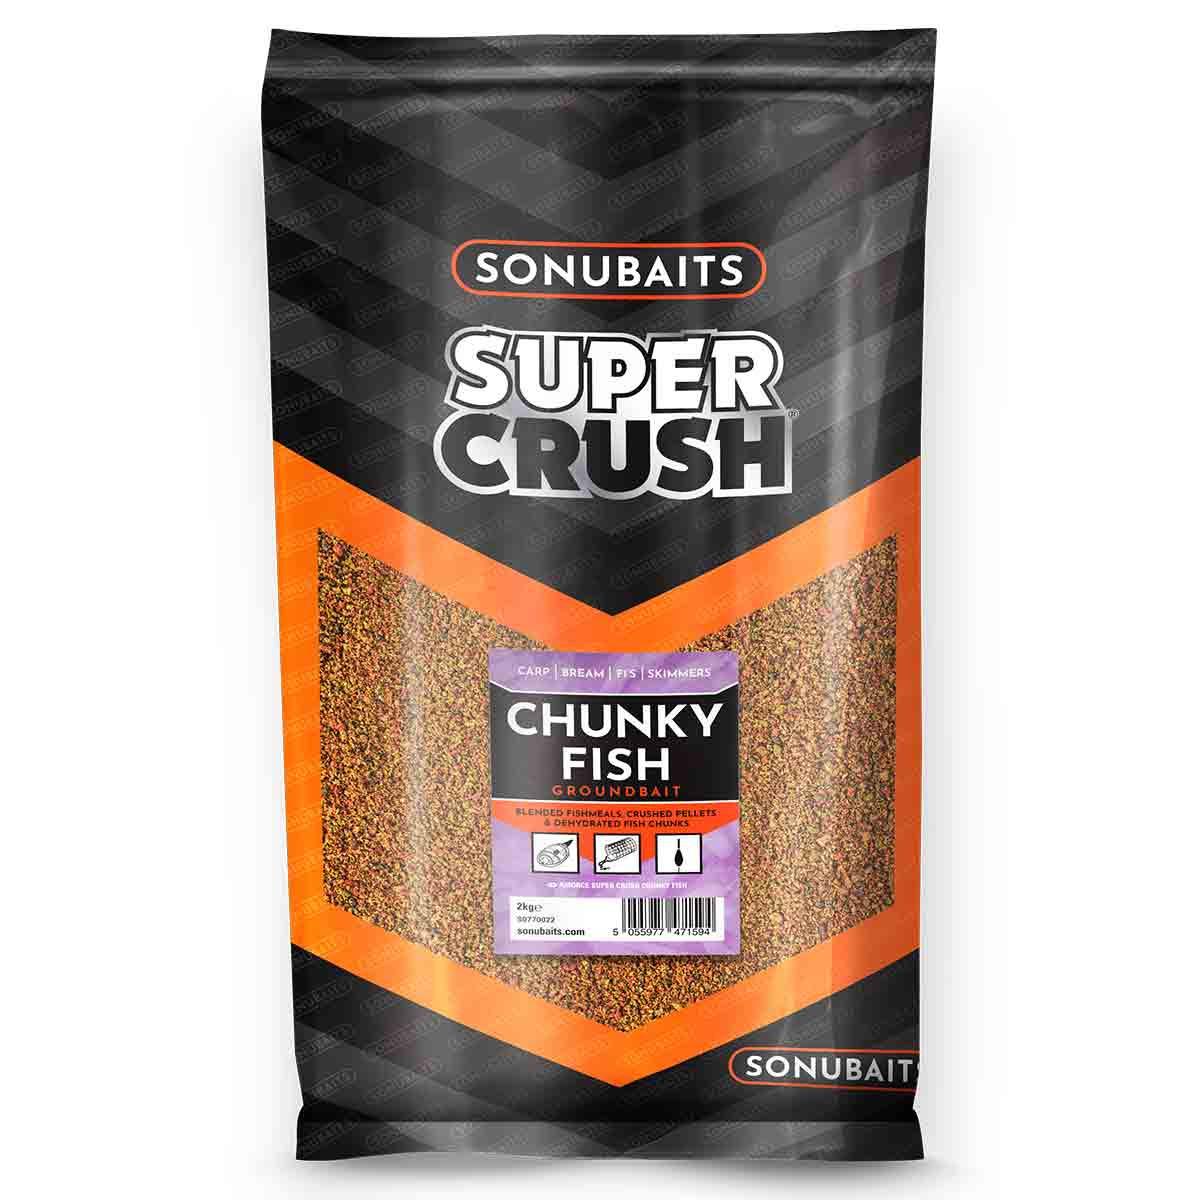 Sonubaits Super Crush Chunky Fish 2kg